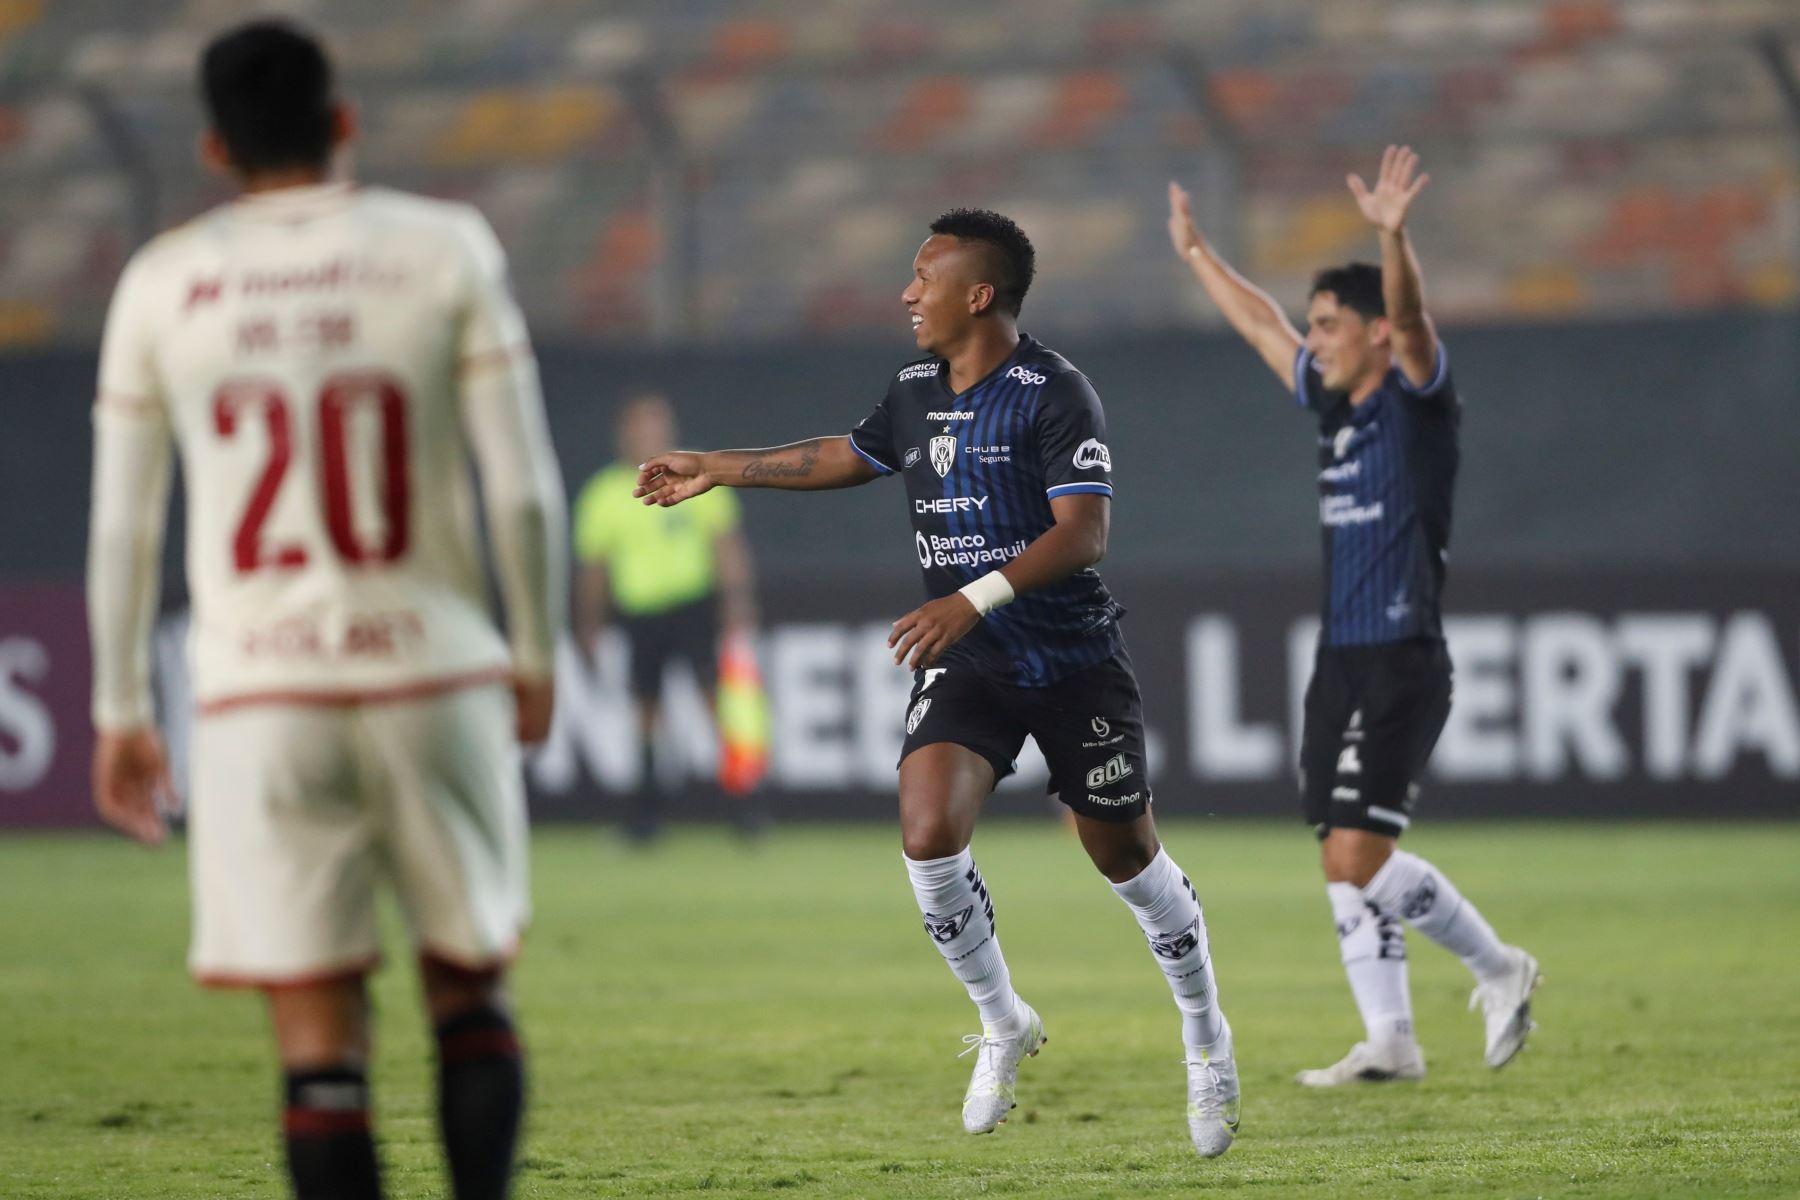 Jhon Sánchez de Independiente del Valle celebra tras marca a Universitario durante partido por la Copa Libertadores, en el Estadio Monumental. Foto: EFE